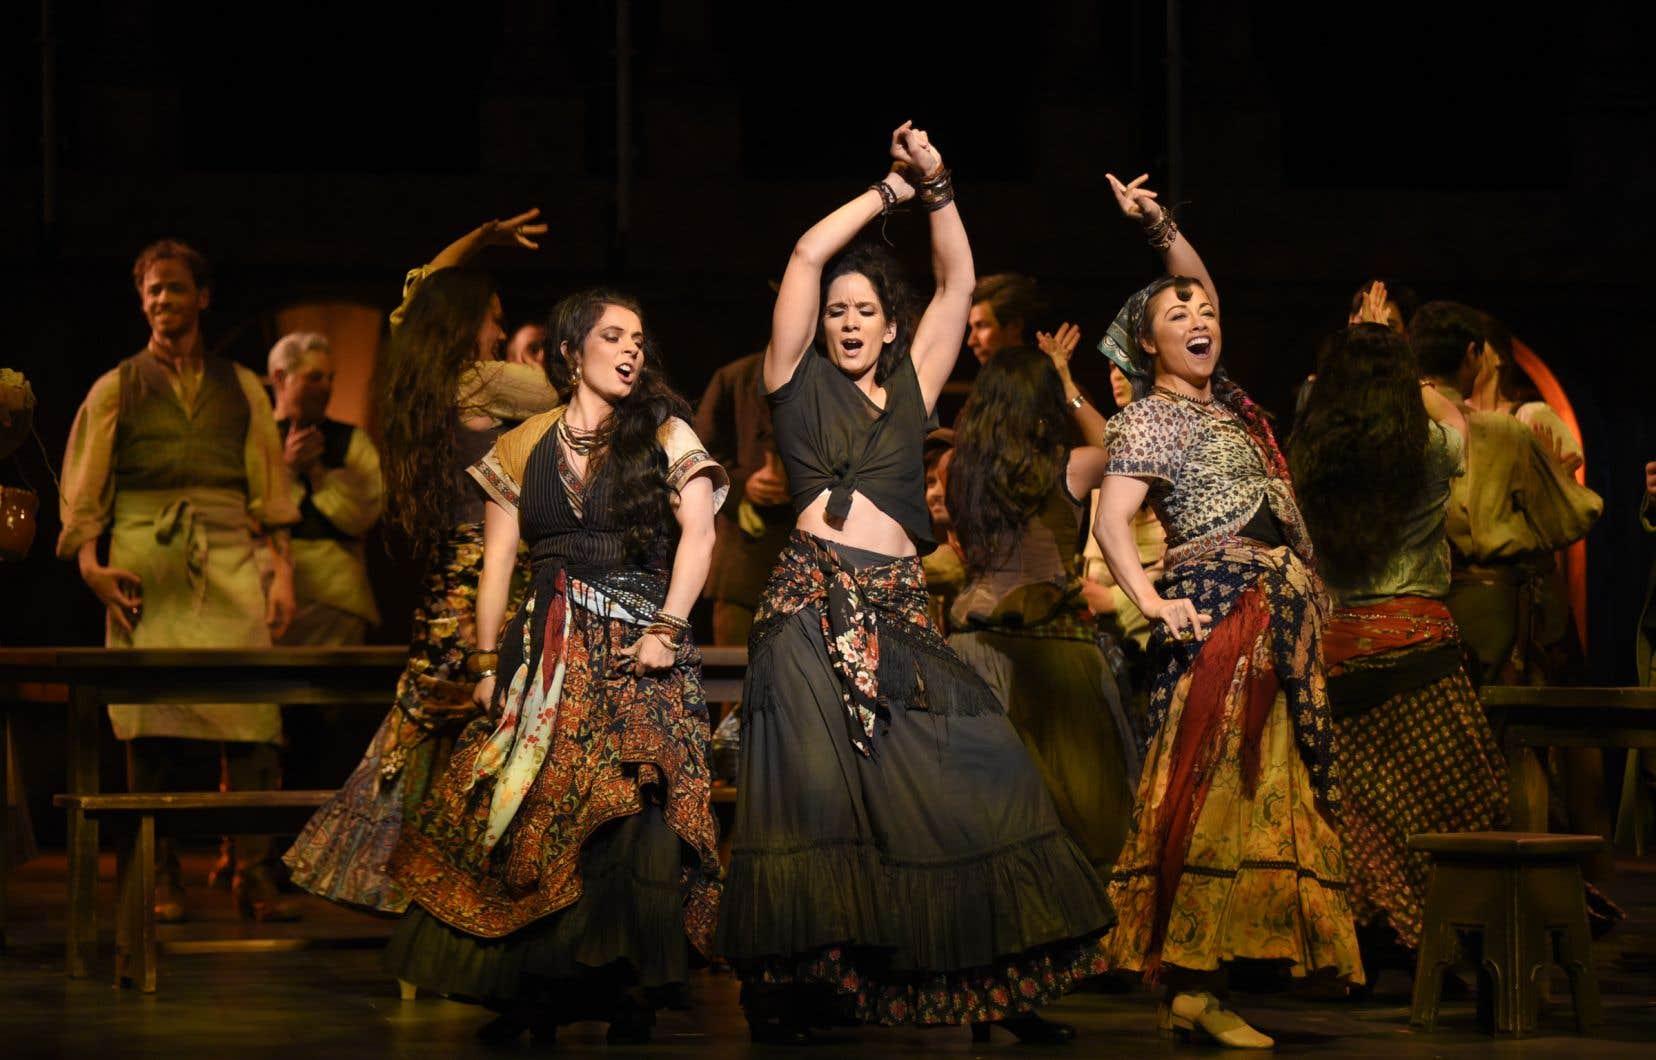 Krista de Silva interprète Carmen, dans l'opéra du même nom qui prendra l'affiche samedi à l'Opéra de Montréal.